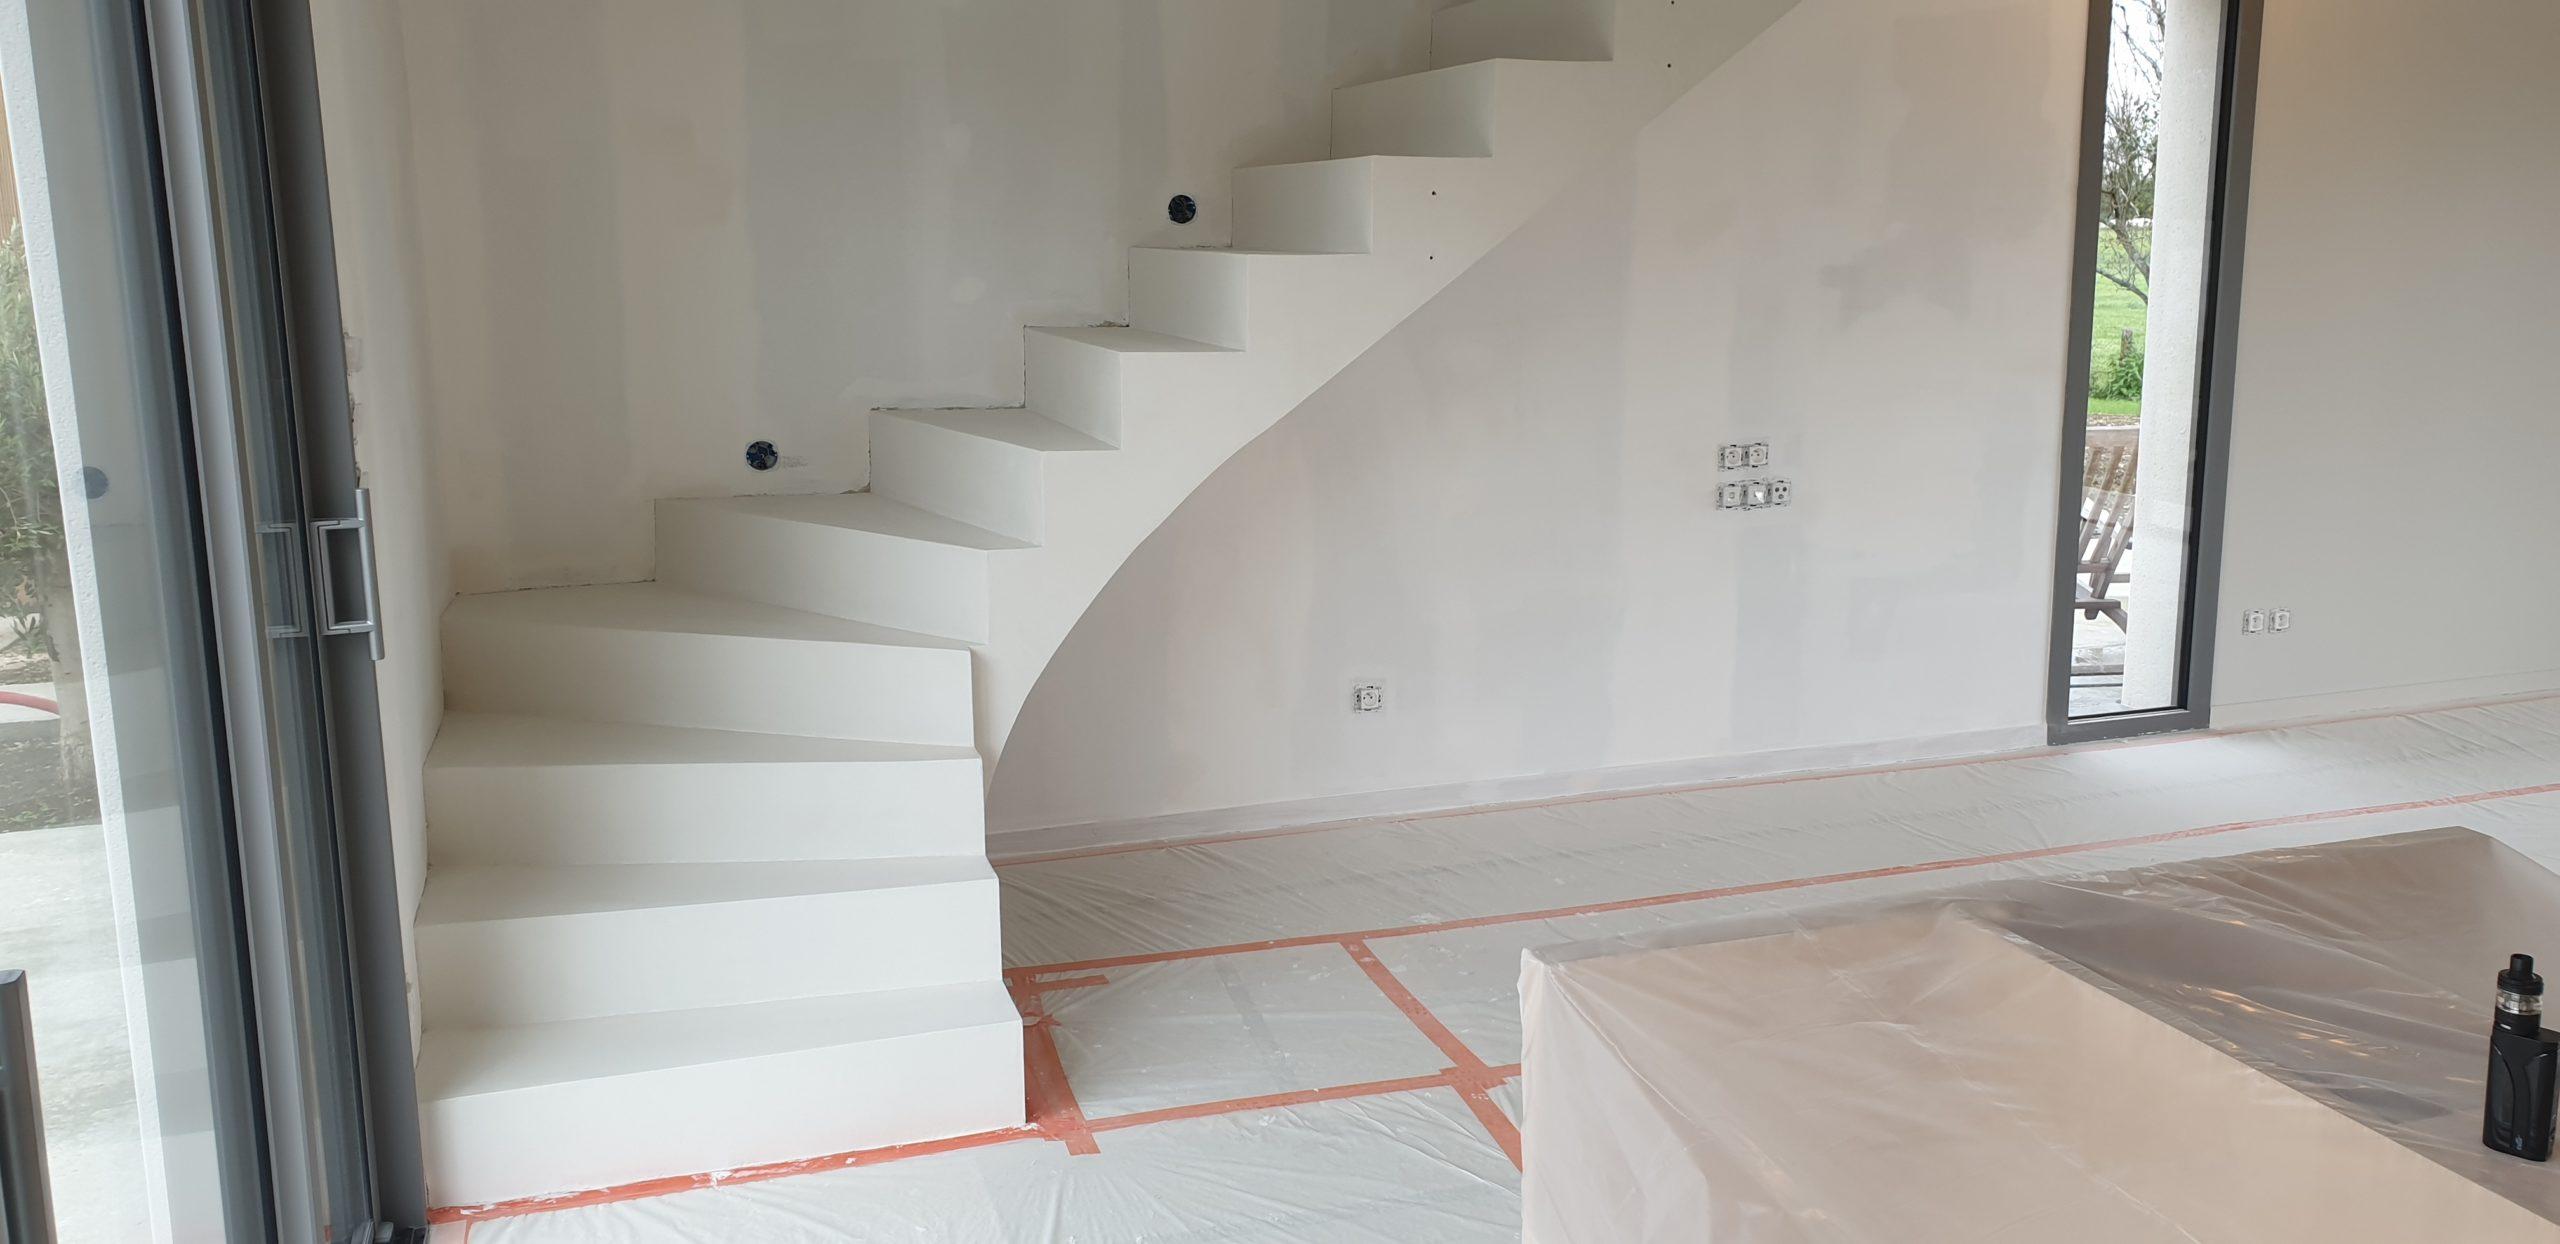 Escalier coulé en béton brut puis revêtement en béton ciré blanc dans une maison en construction